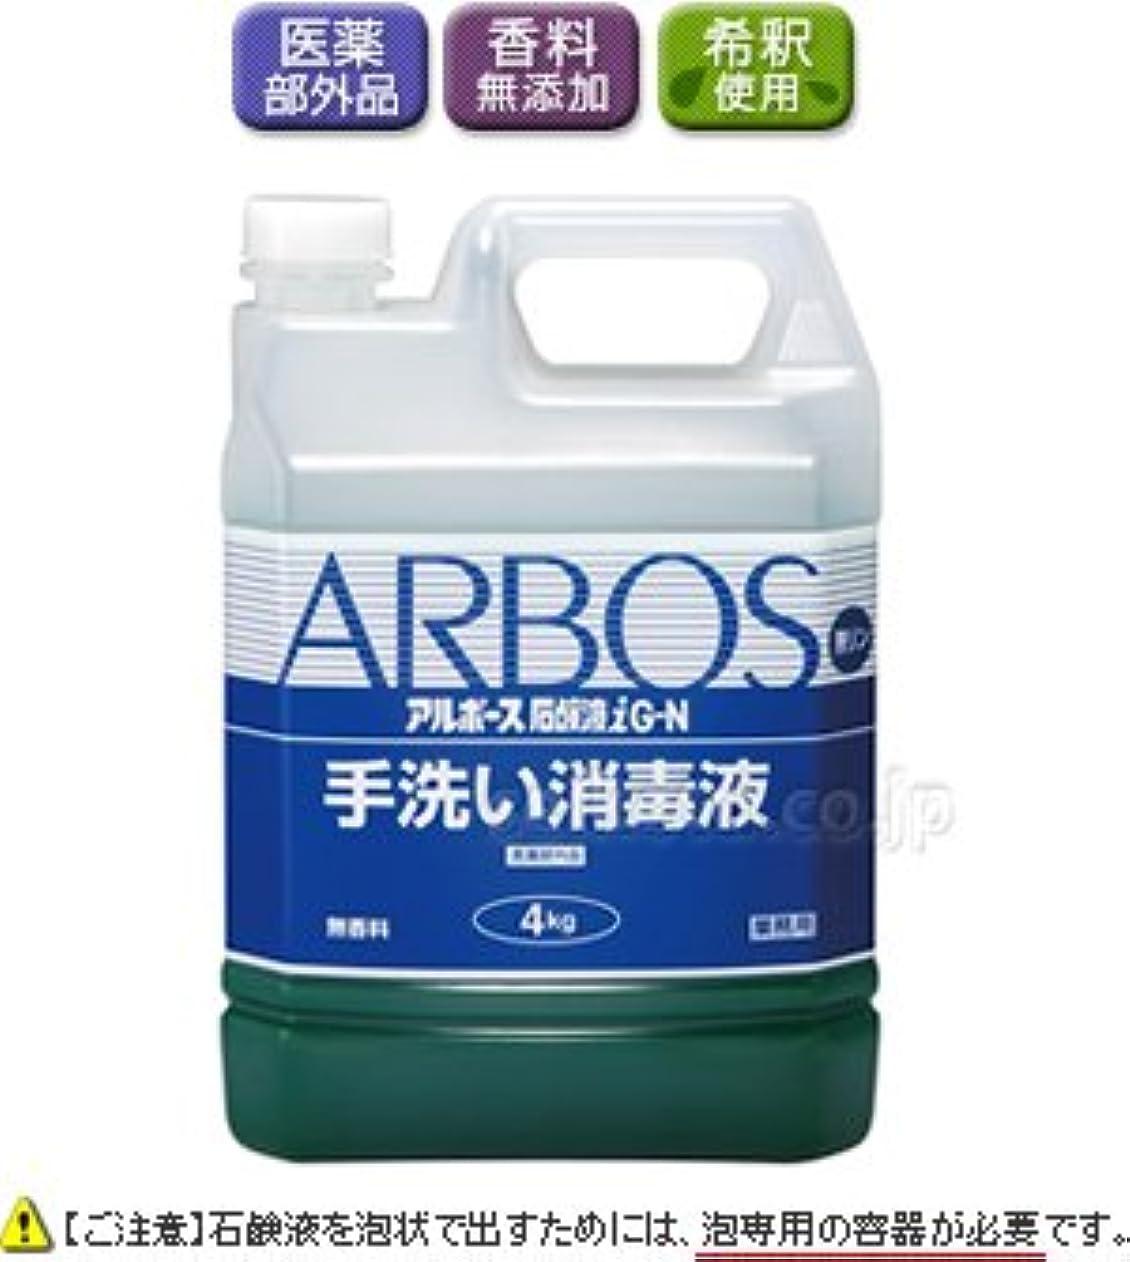 散らす乱用星【清潔キレイ館】アルボース石鹸液iG-N(4kg×1本)